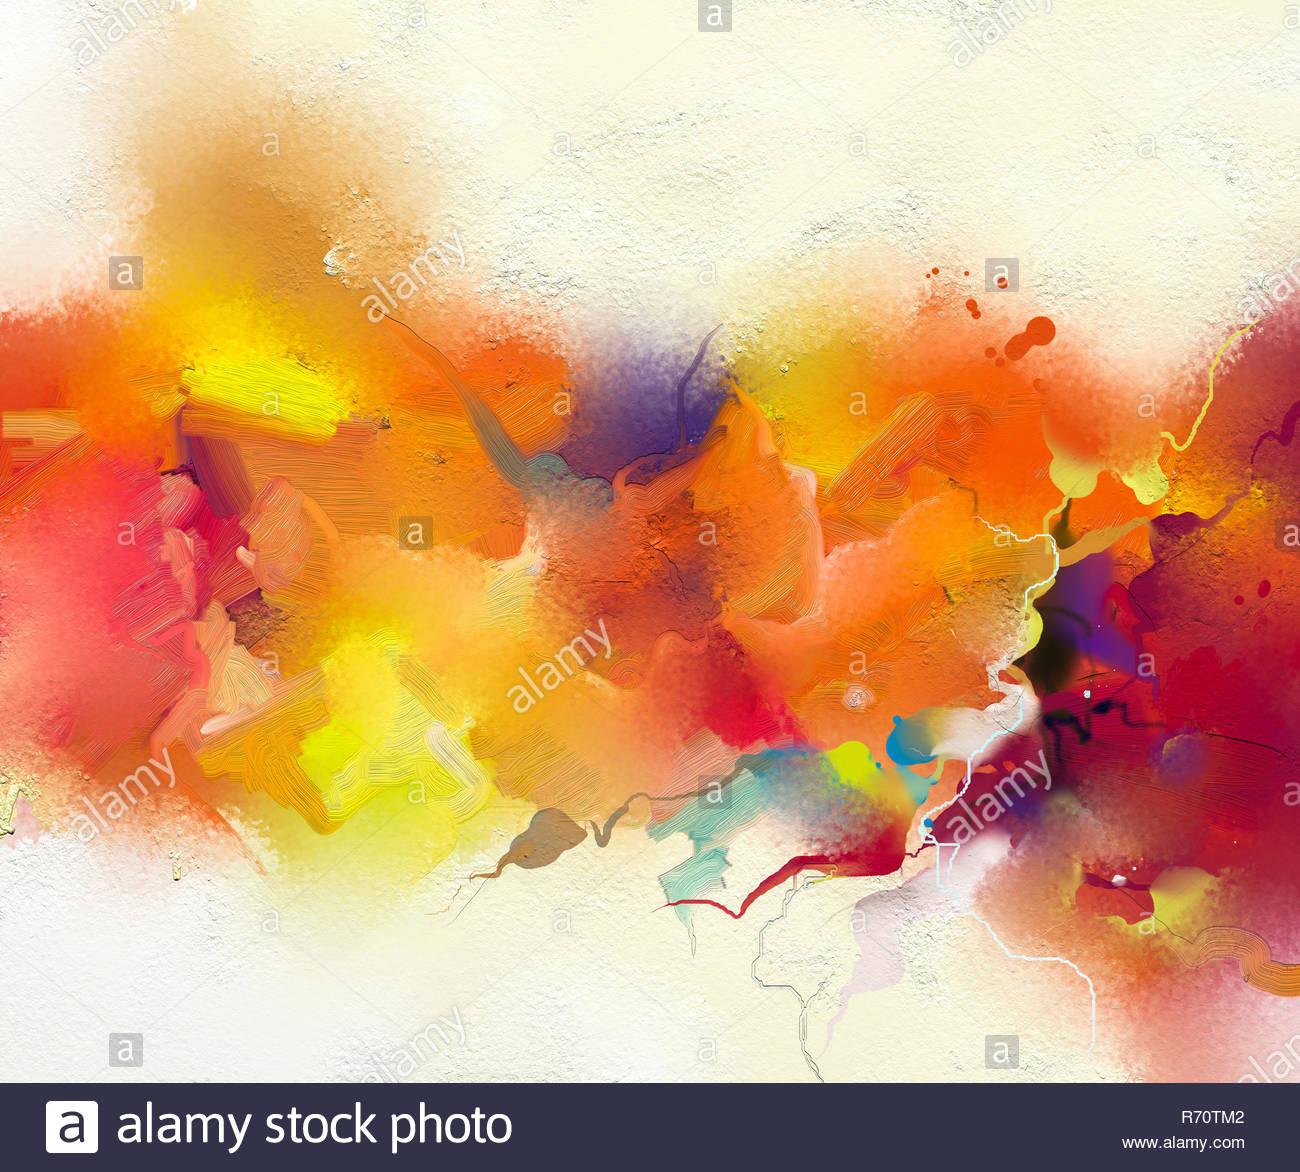 Abstract colorato la pittura ad olio su tela la texture. Disegnata a mano pennello, olio dipinti di colore sfondo Immagini Stock